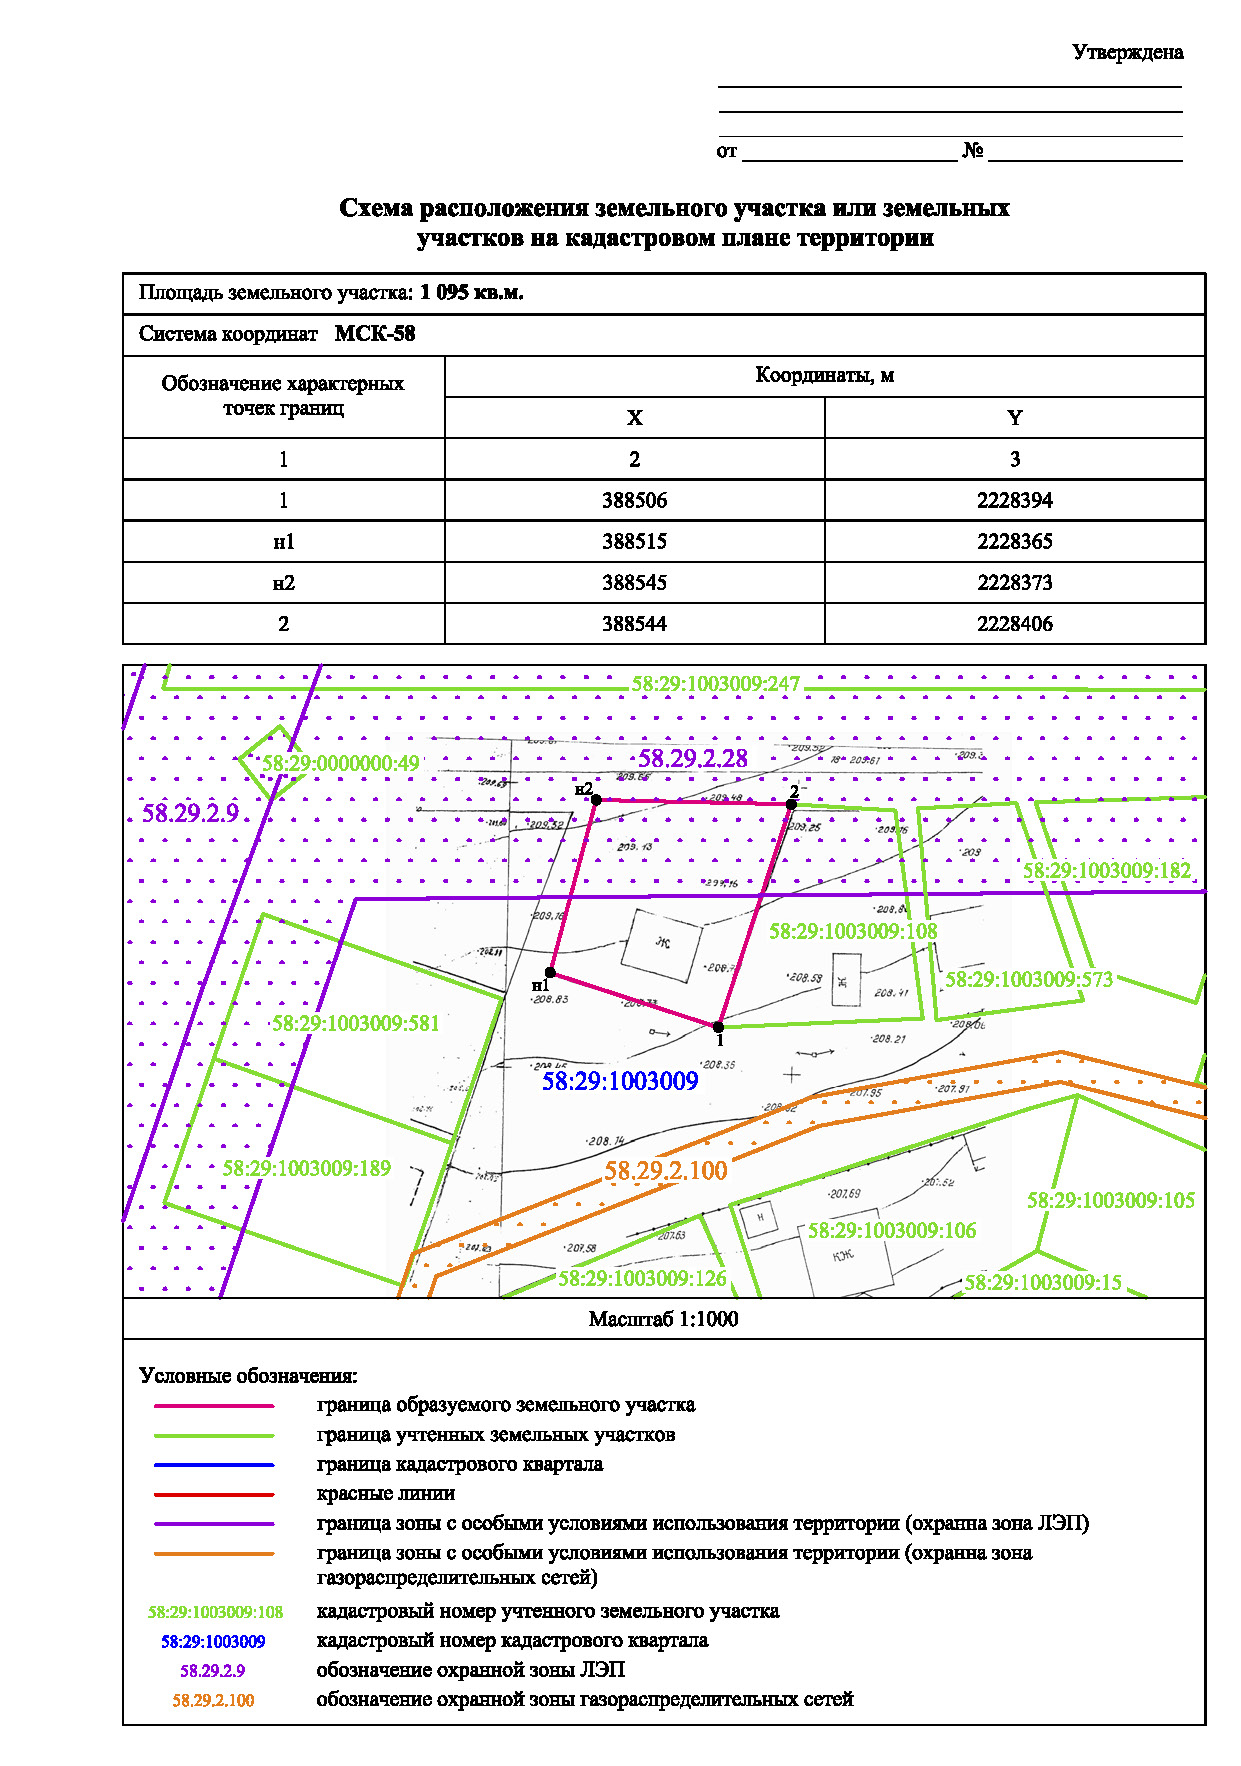 Для подготовки схемы расположения земельного участка